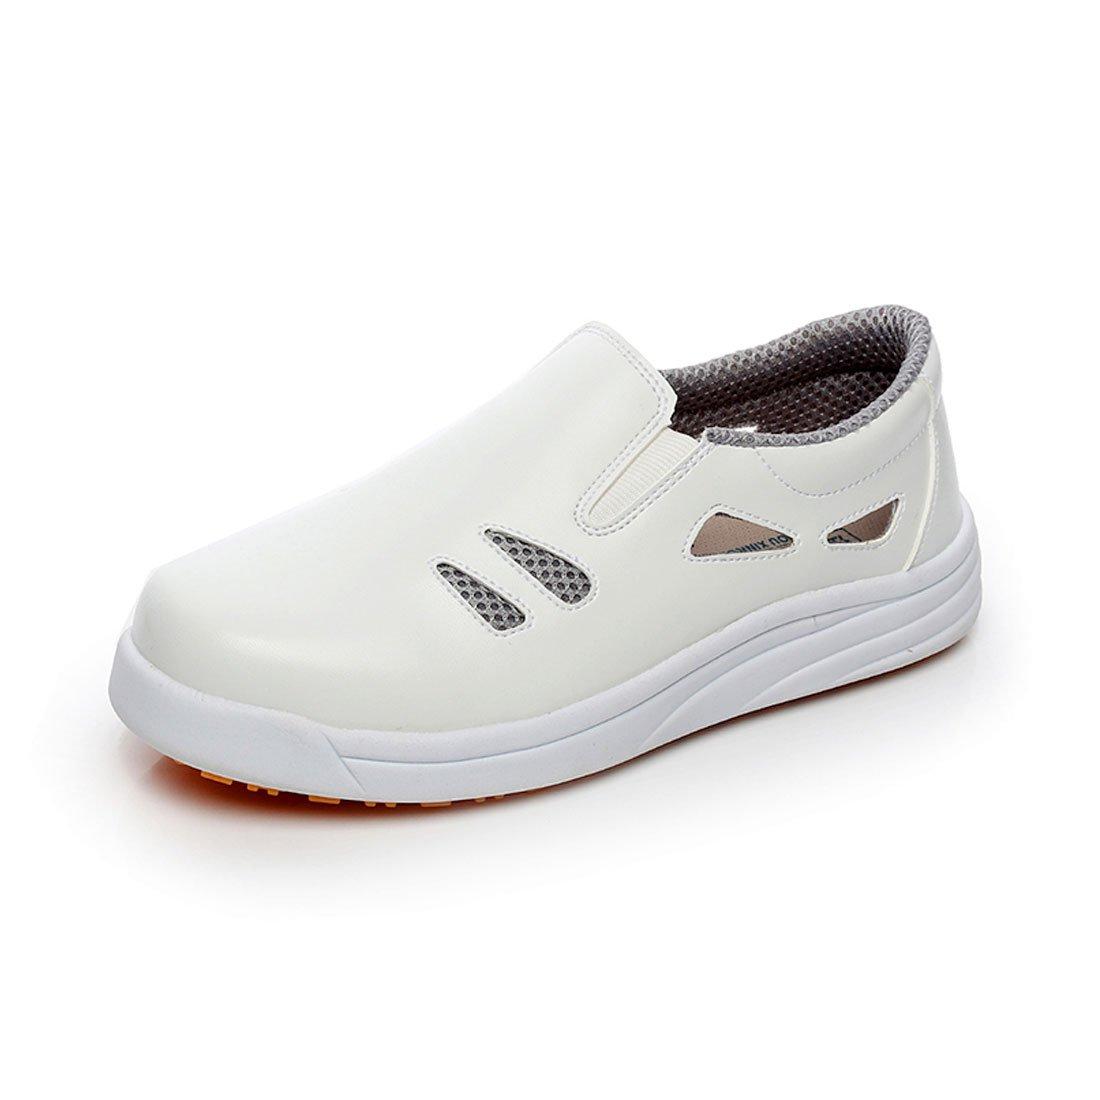 Levoberg Chaussure de Cuisine Protection d'eau d'huile Chaussure de Travail Respirante Homme Femme